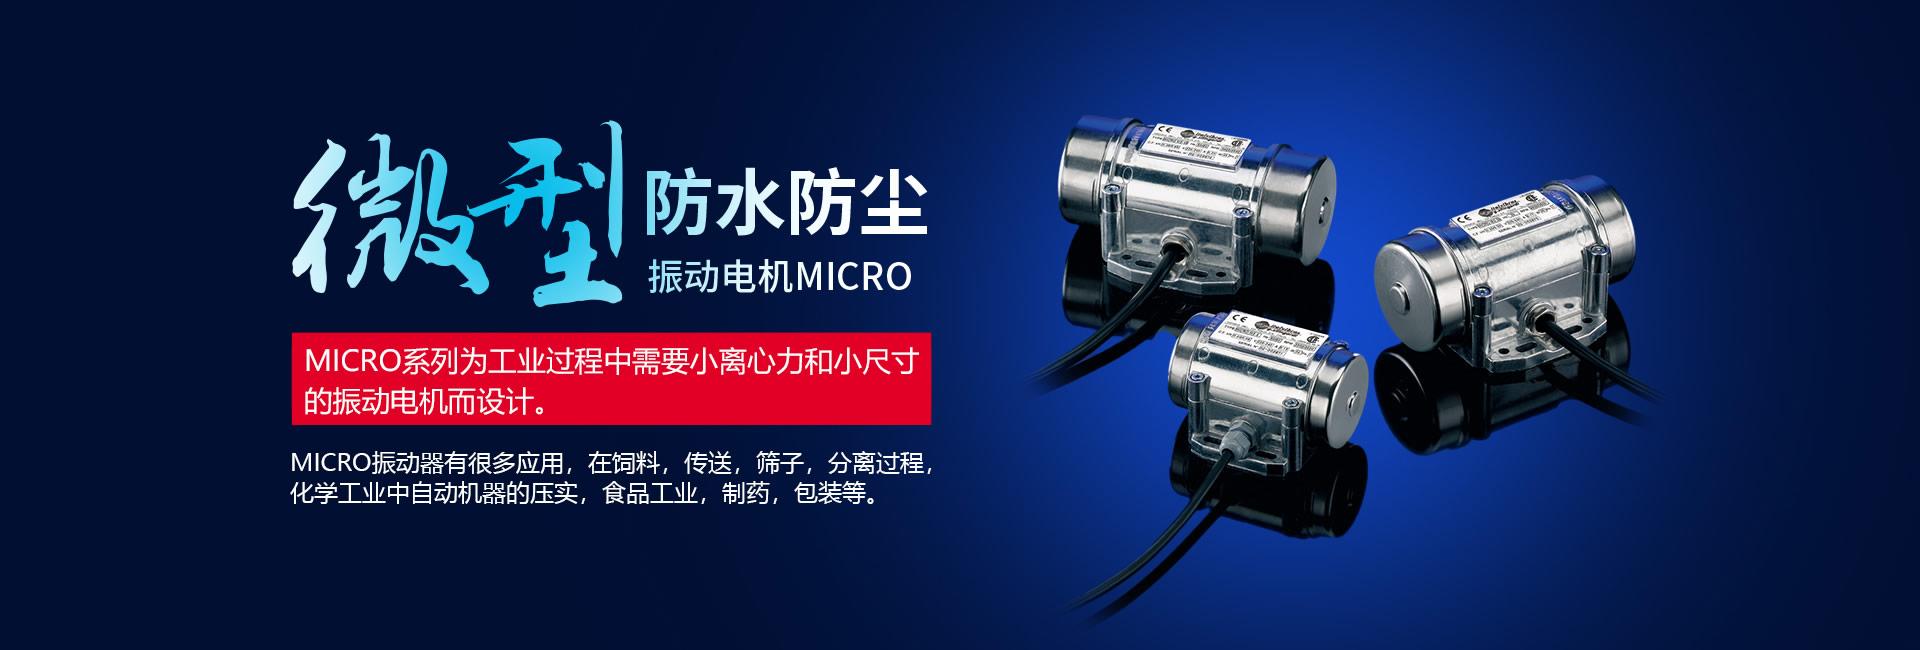 微型防水防尘振动电机MICRO